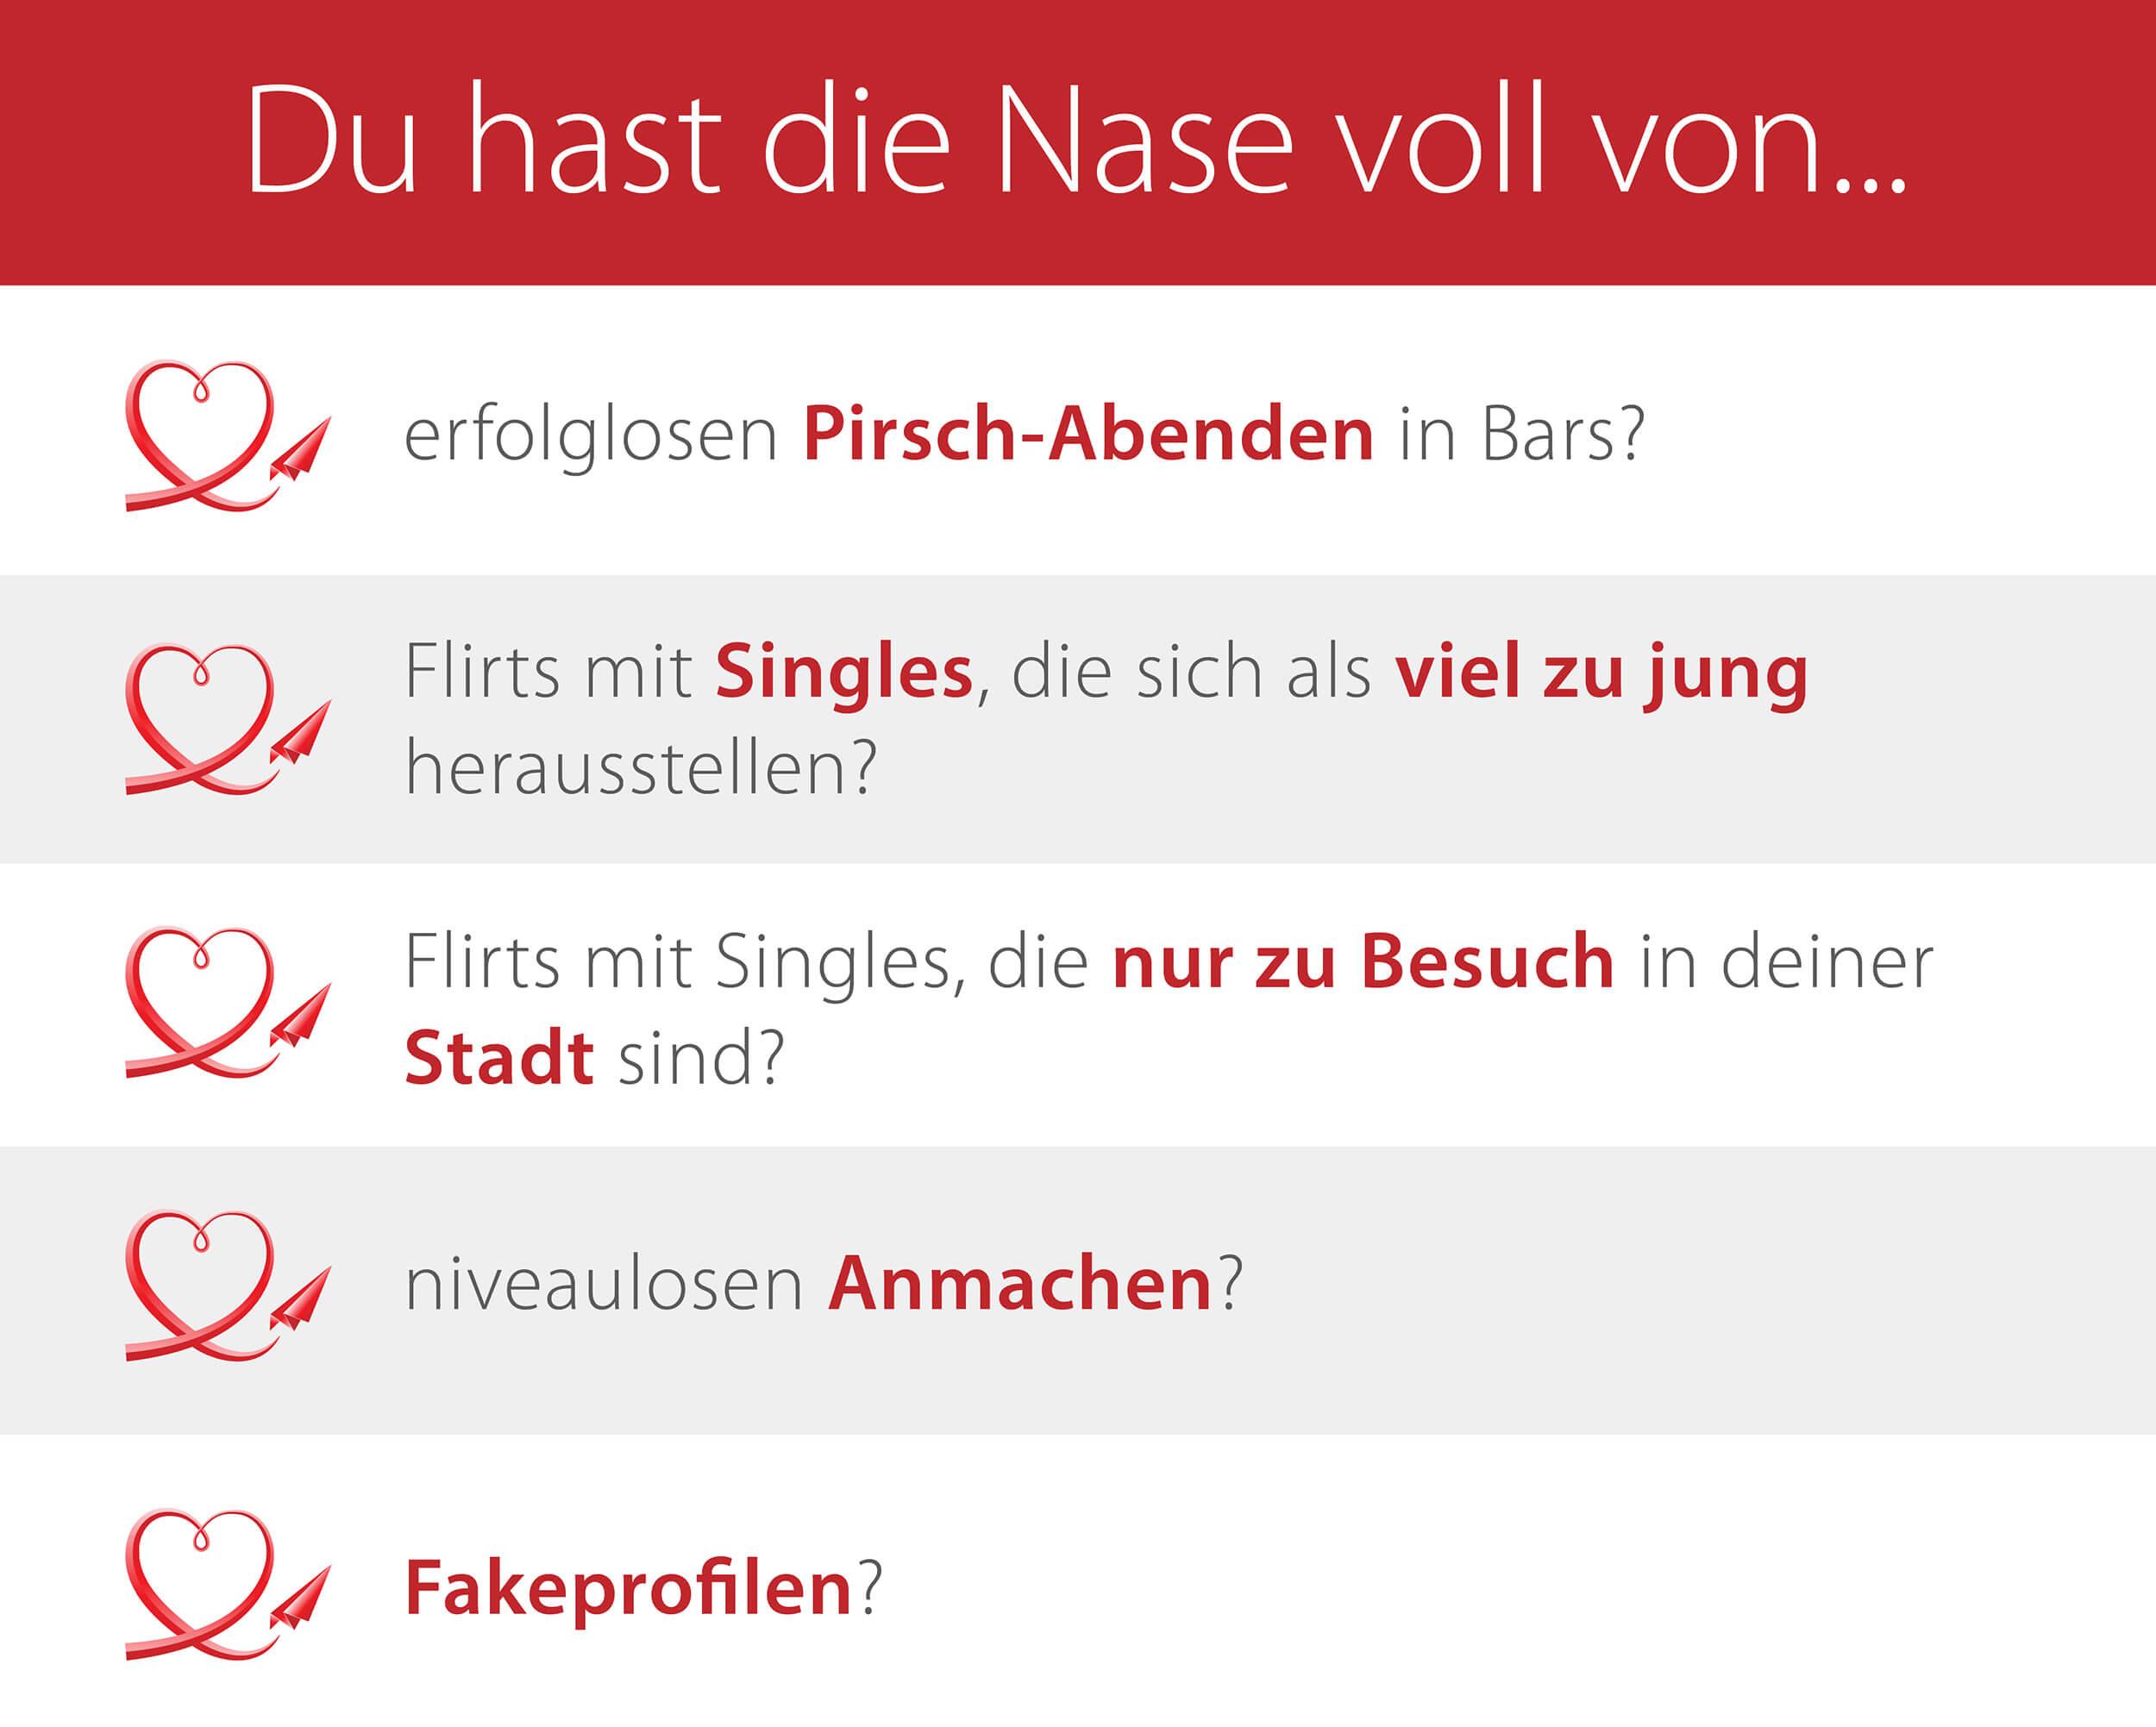 Virtuelle Partnersuche: Welche Möglichkeiten gibt es? | withering-trees.de